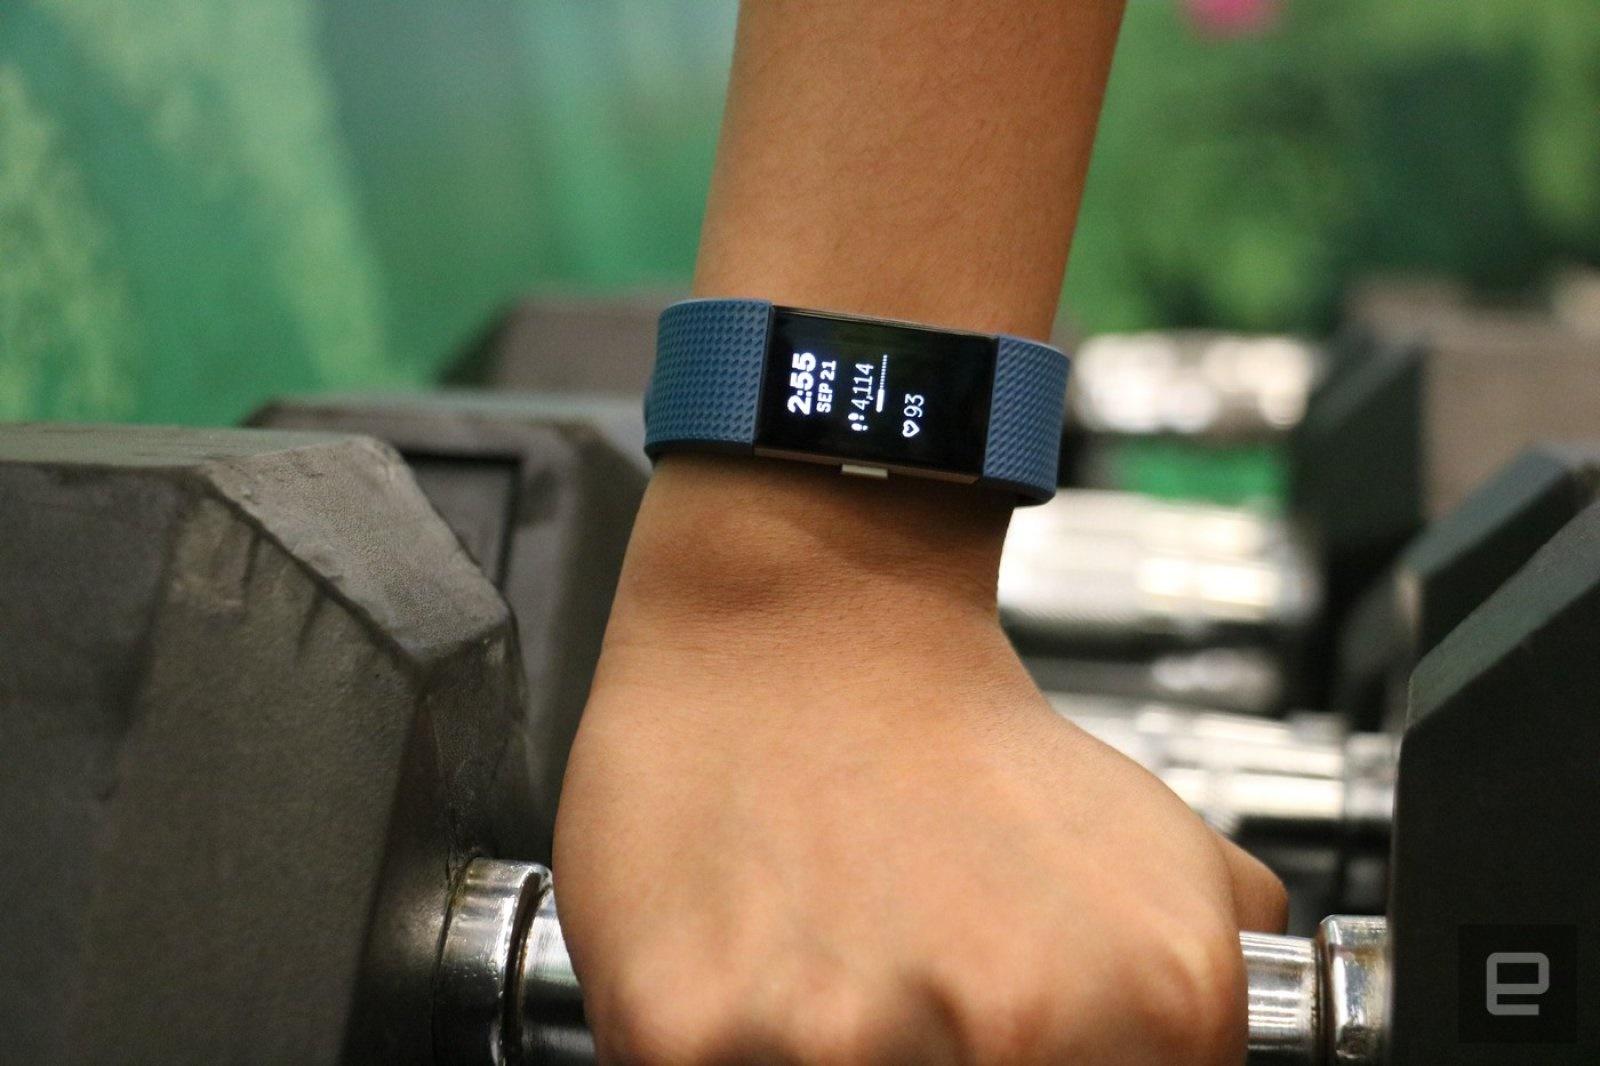 افزایش کُندِ تقاضا برای ابزار پوشیدنی منهای ساعت هوشمند / جدول